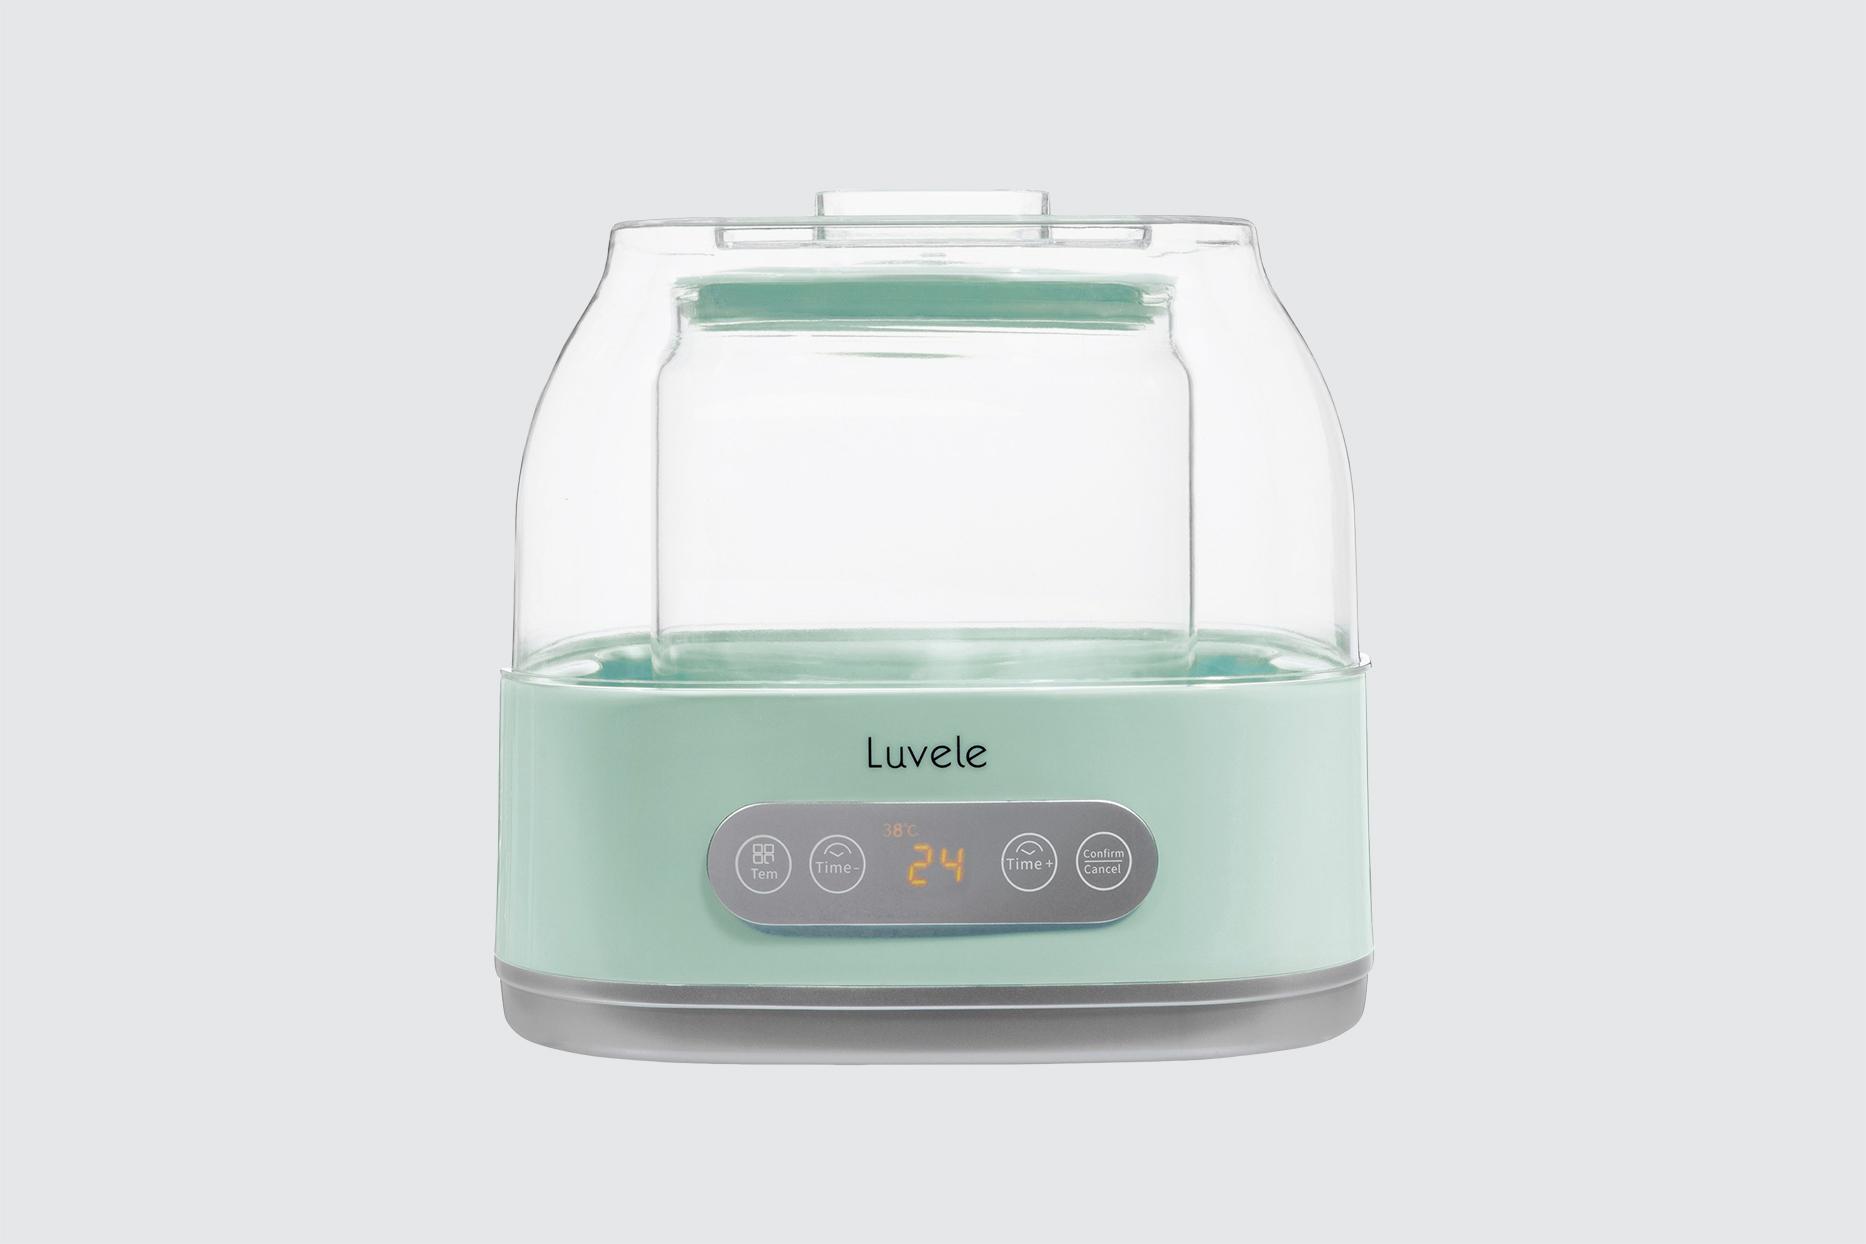 Luvele Pure Plus Yogurt Maker